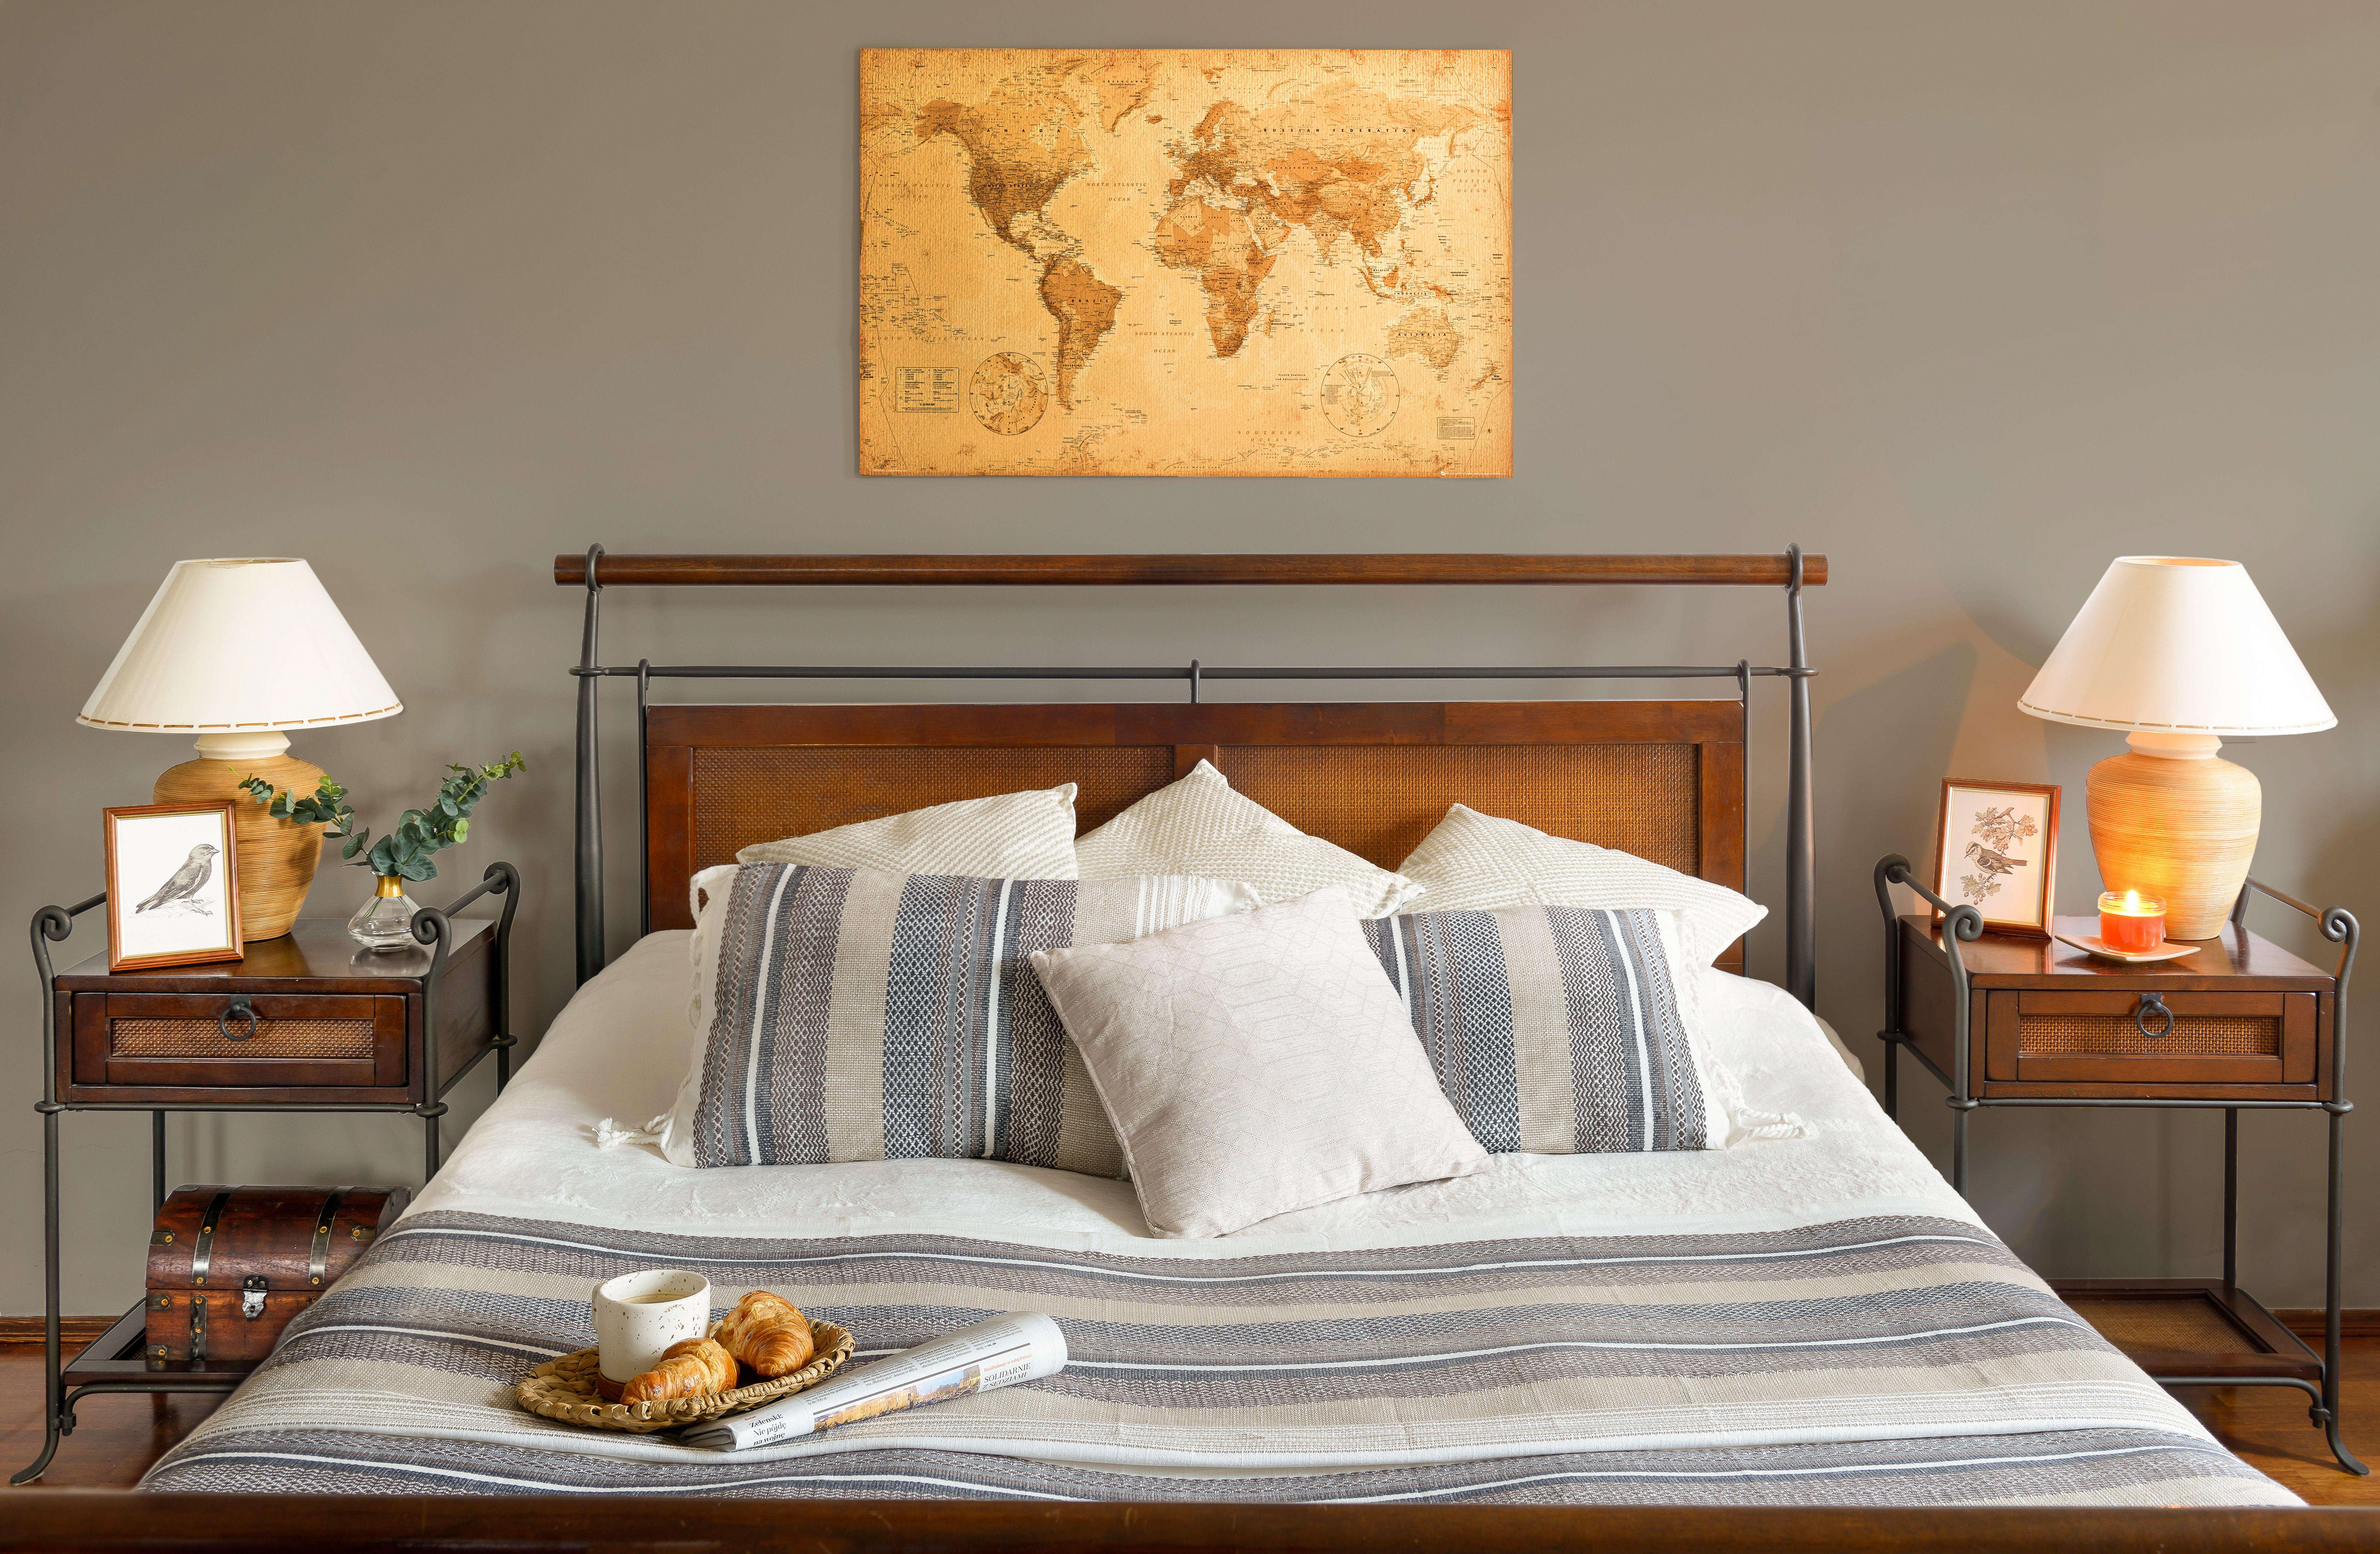 Leroymerlin Leroymerlinpolska Dlabohaterowdomu Domoweinspiracje Inspiracje Sypialnia Poduszka Koc Pled Tapeta Home Decor Home Furniture